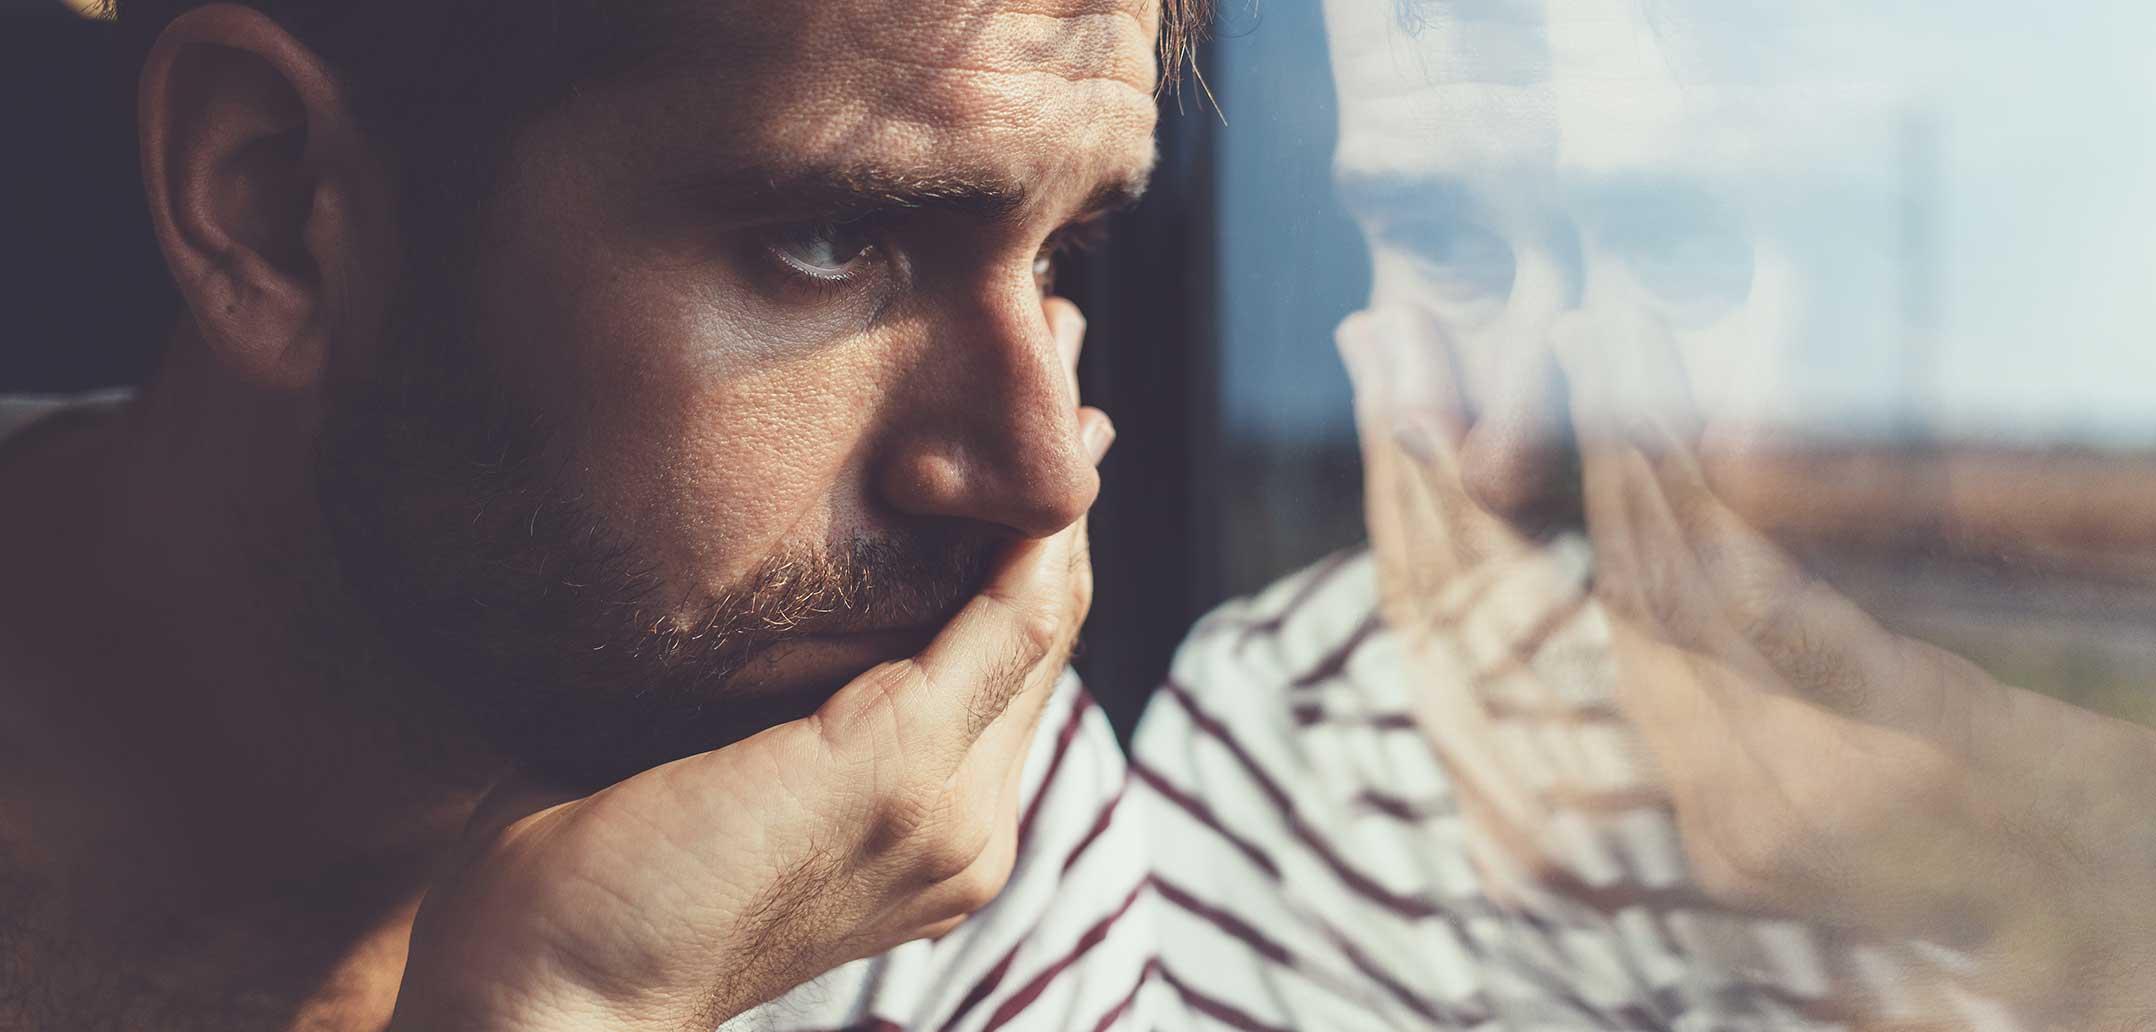 Trennen depressive warum vom partner sich Beziehungskrise: Trennung